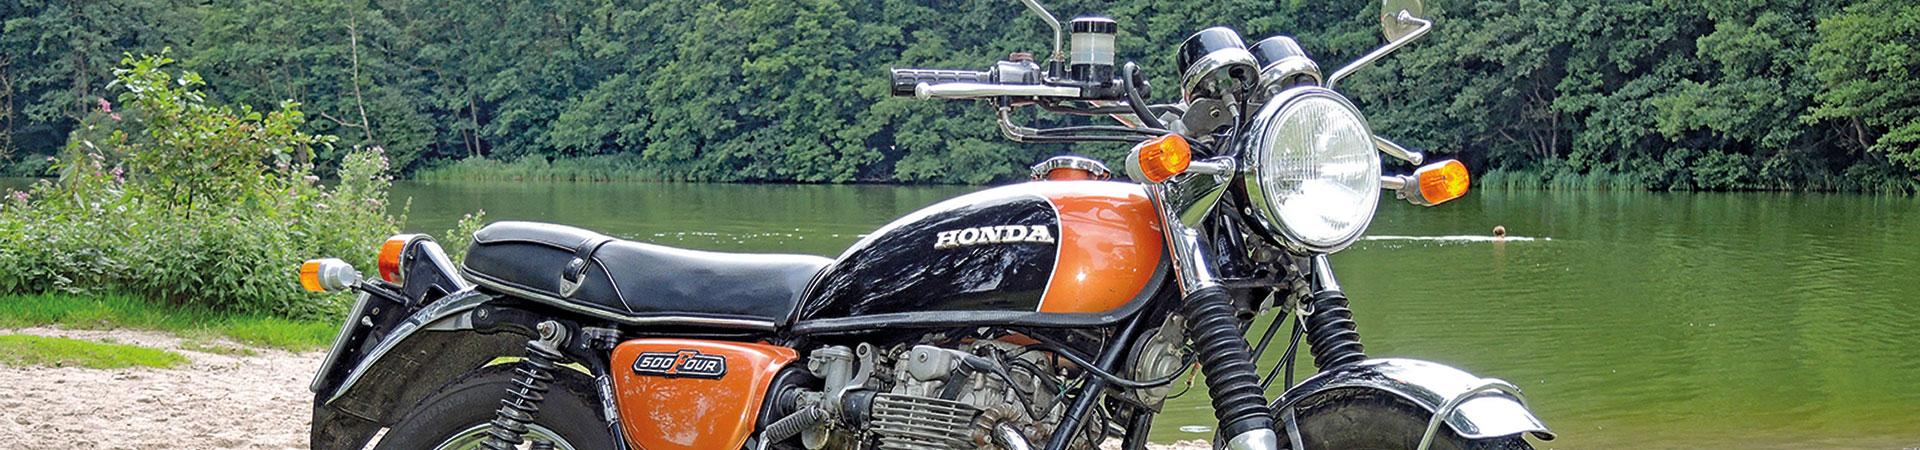 Honda-CB500Four_01-03-2018_3e6c5